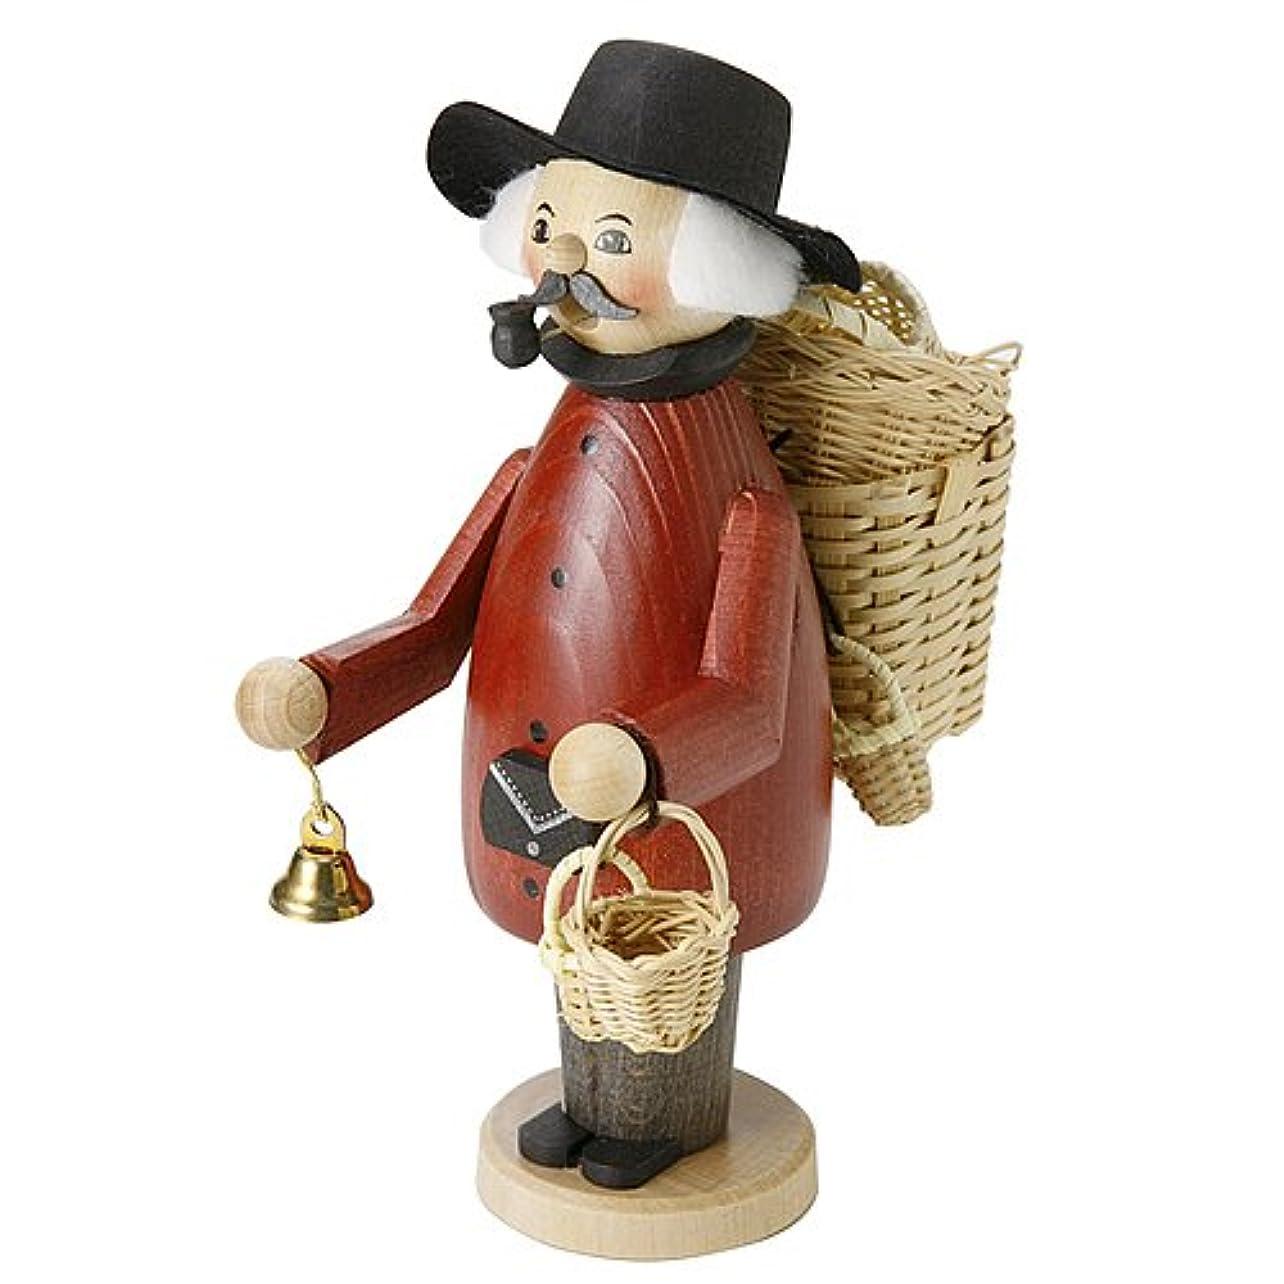 ファイバブラウスベースkuhnert(クーネルト) パイプ人形香炉 150×200mm 「バスケット売り」